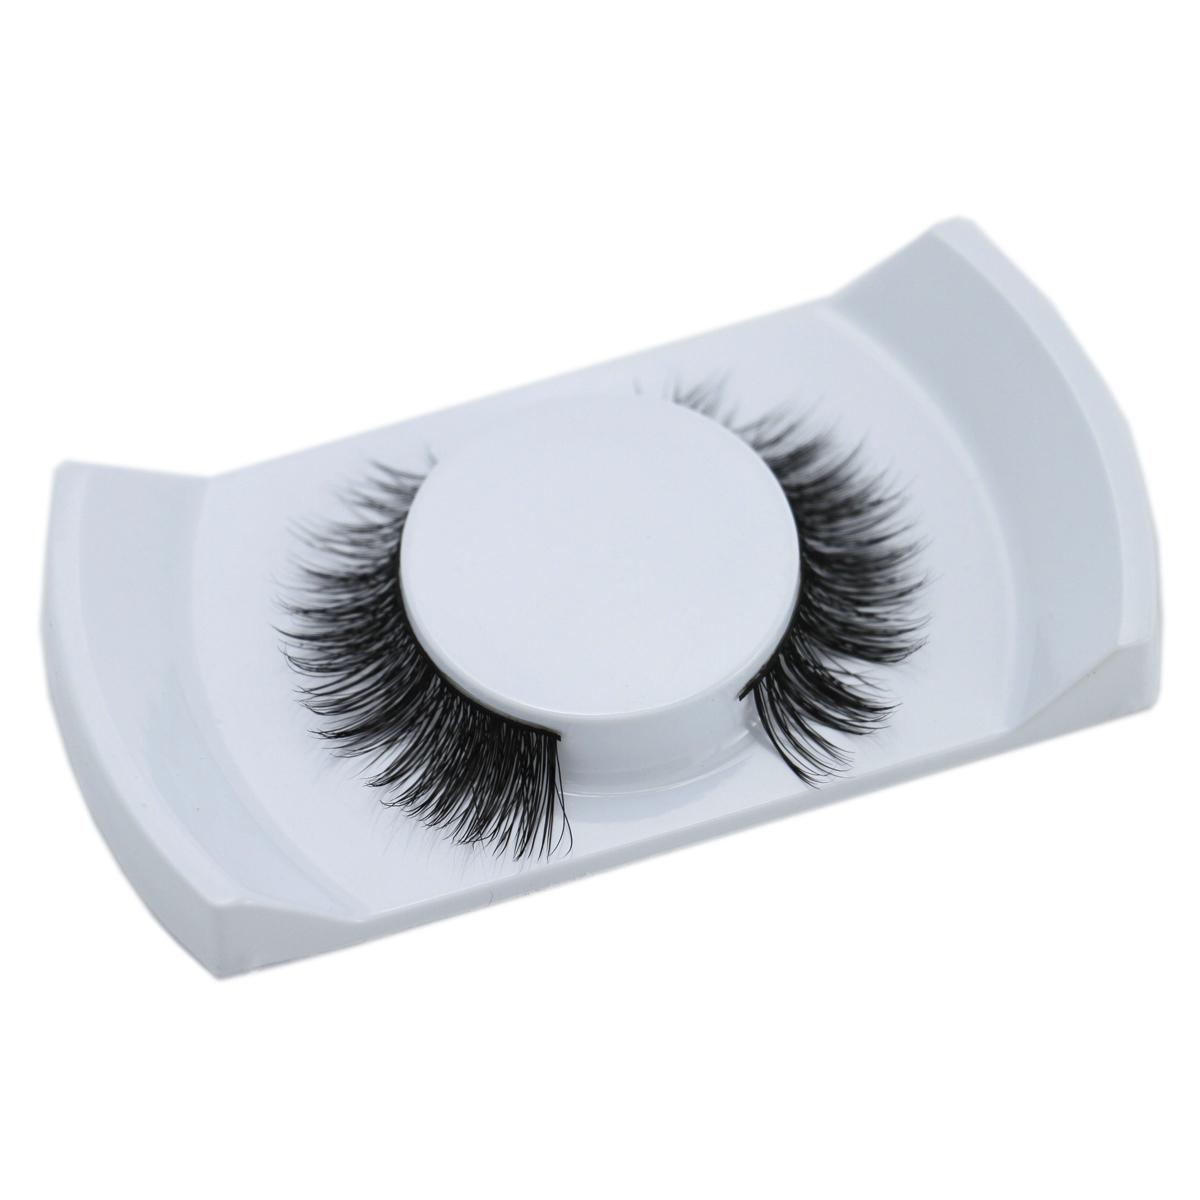 Original Operacosmetics 1 Pair 100% Real Mink Natural Thick False Fake Eyelashes 007 Eye Lashes Makeup Extension Beauty Tools(China (Mainland))